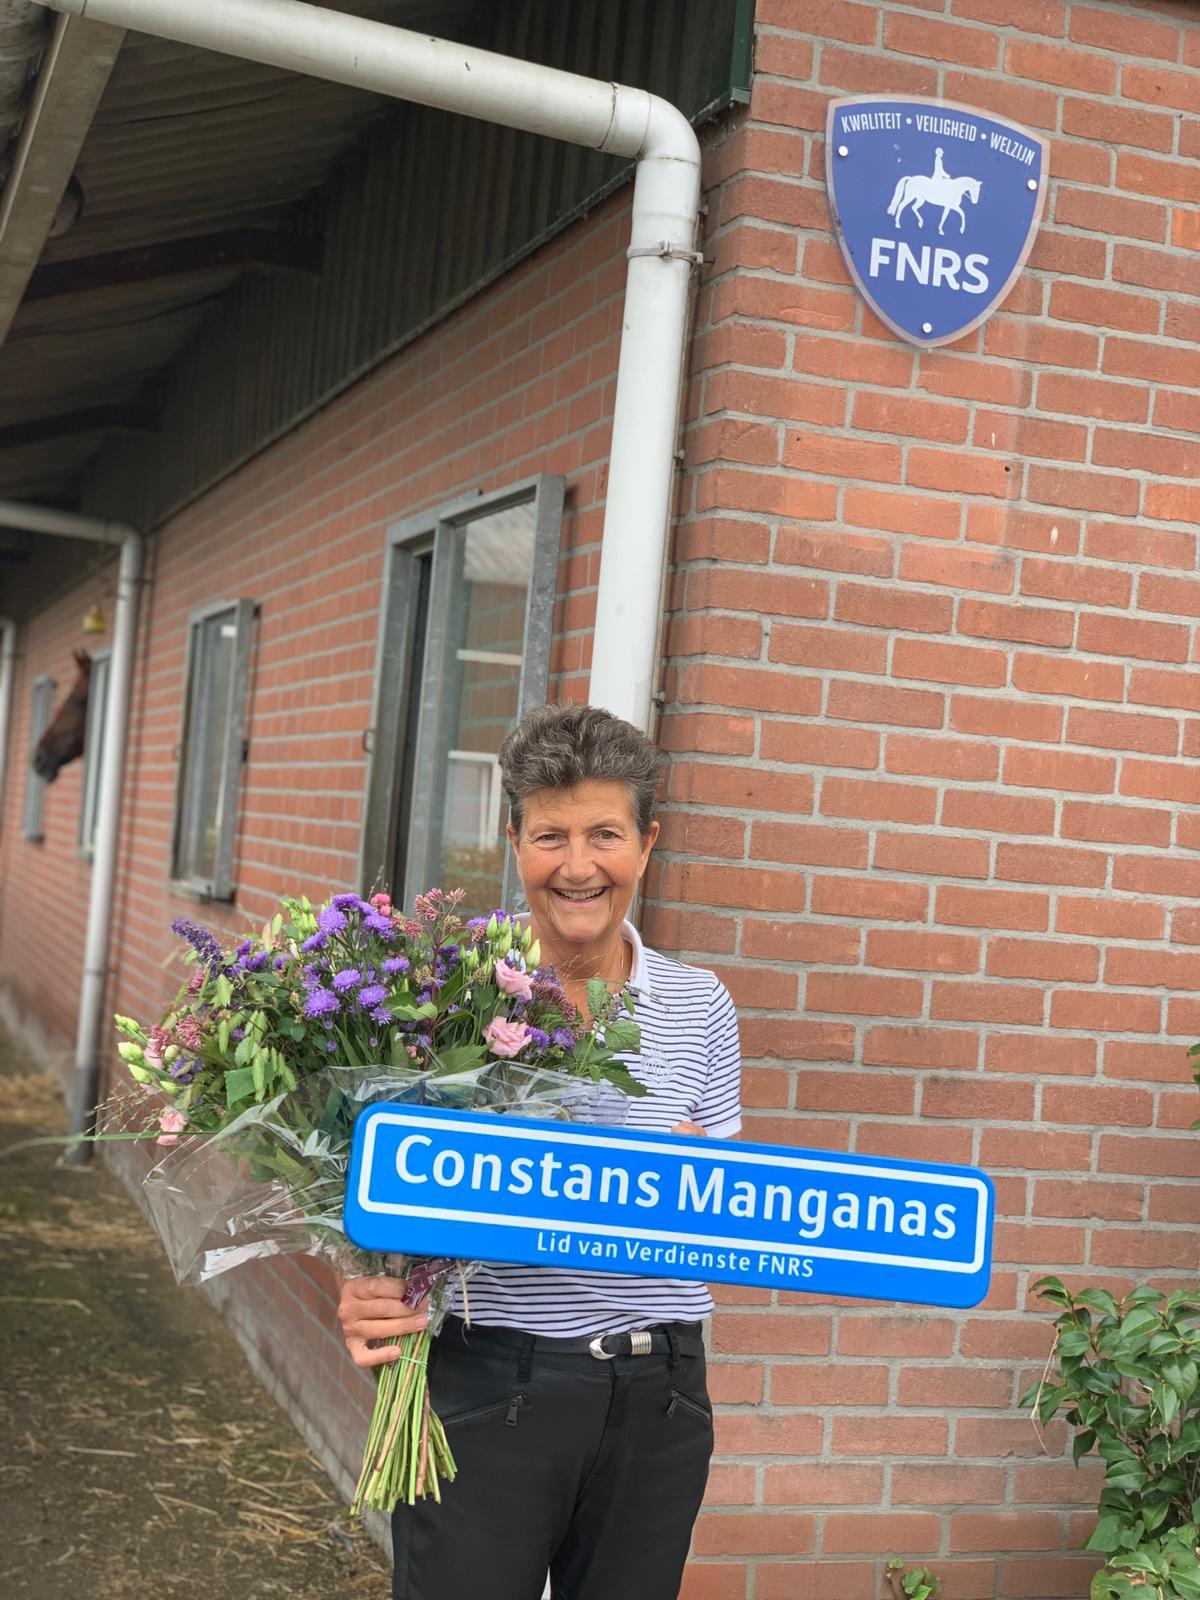 Mooie woorden bij afscheid Constans als voorzitter van de FNRS